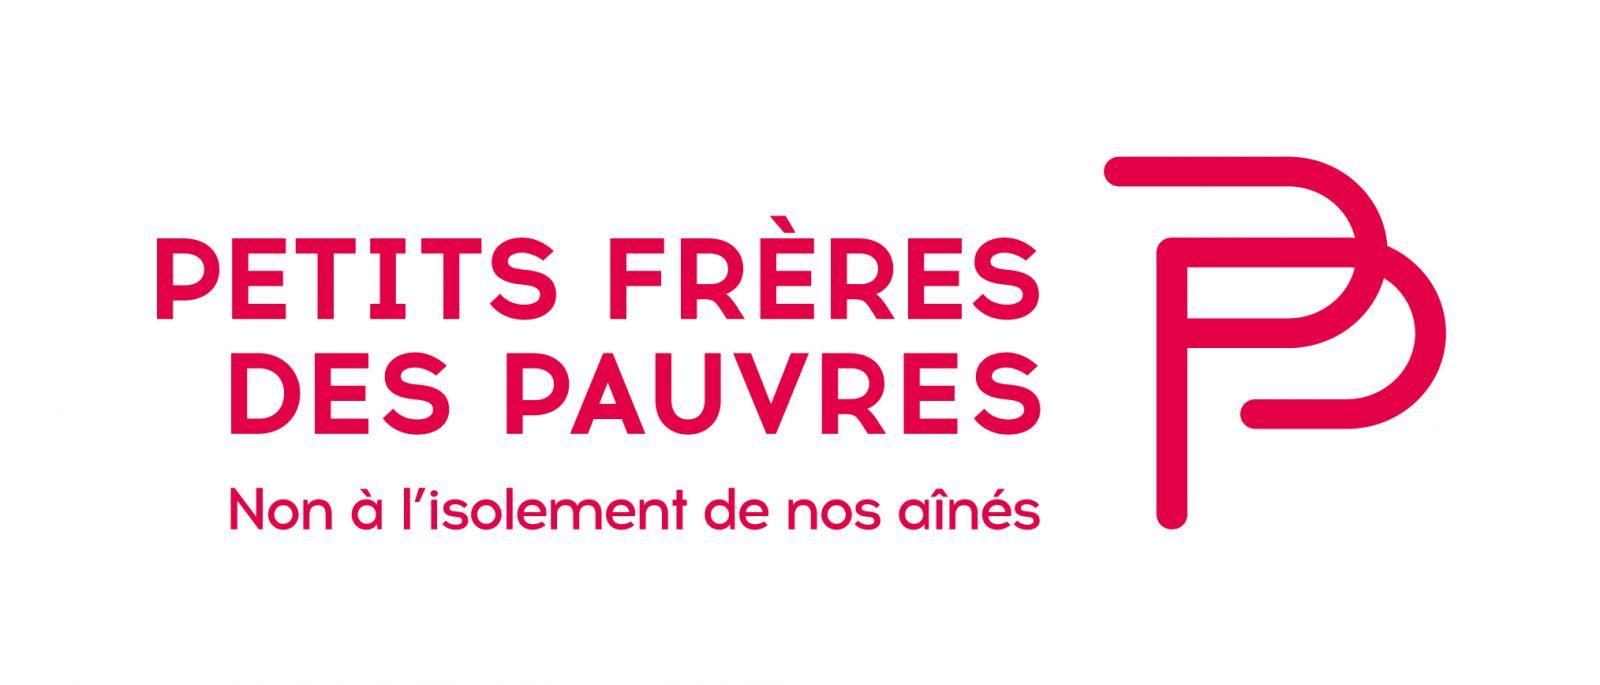 Accompagnement d'écoute téléphonique - Champigny/Nogent/Chennevières sur Marne